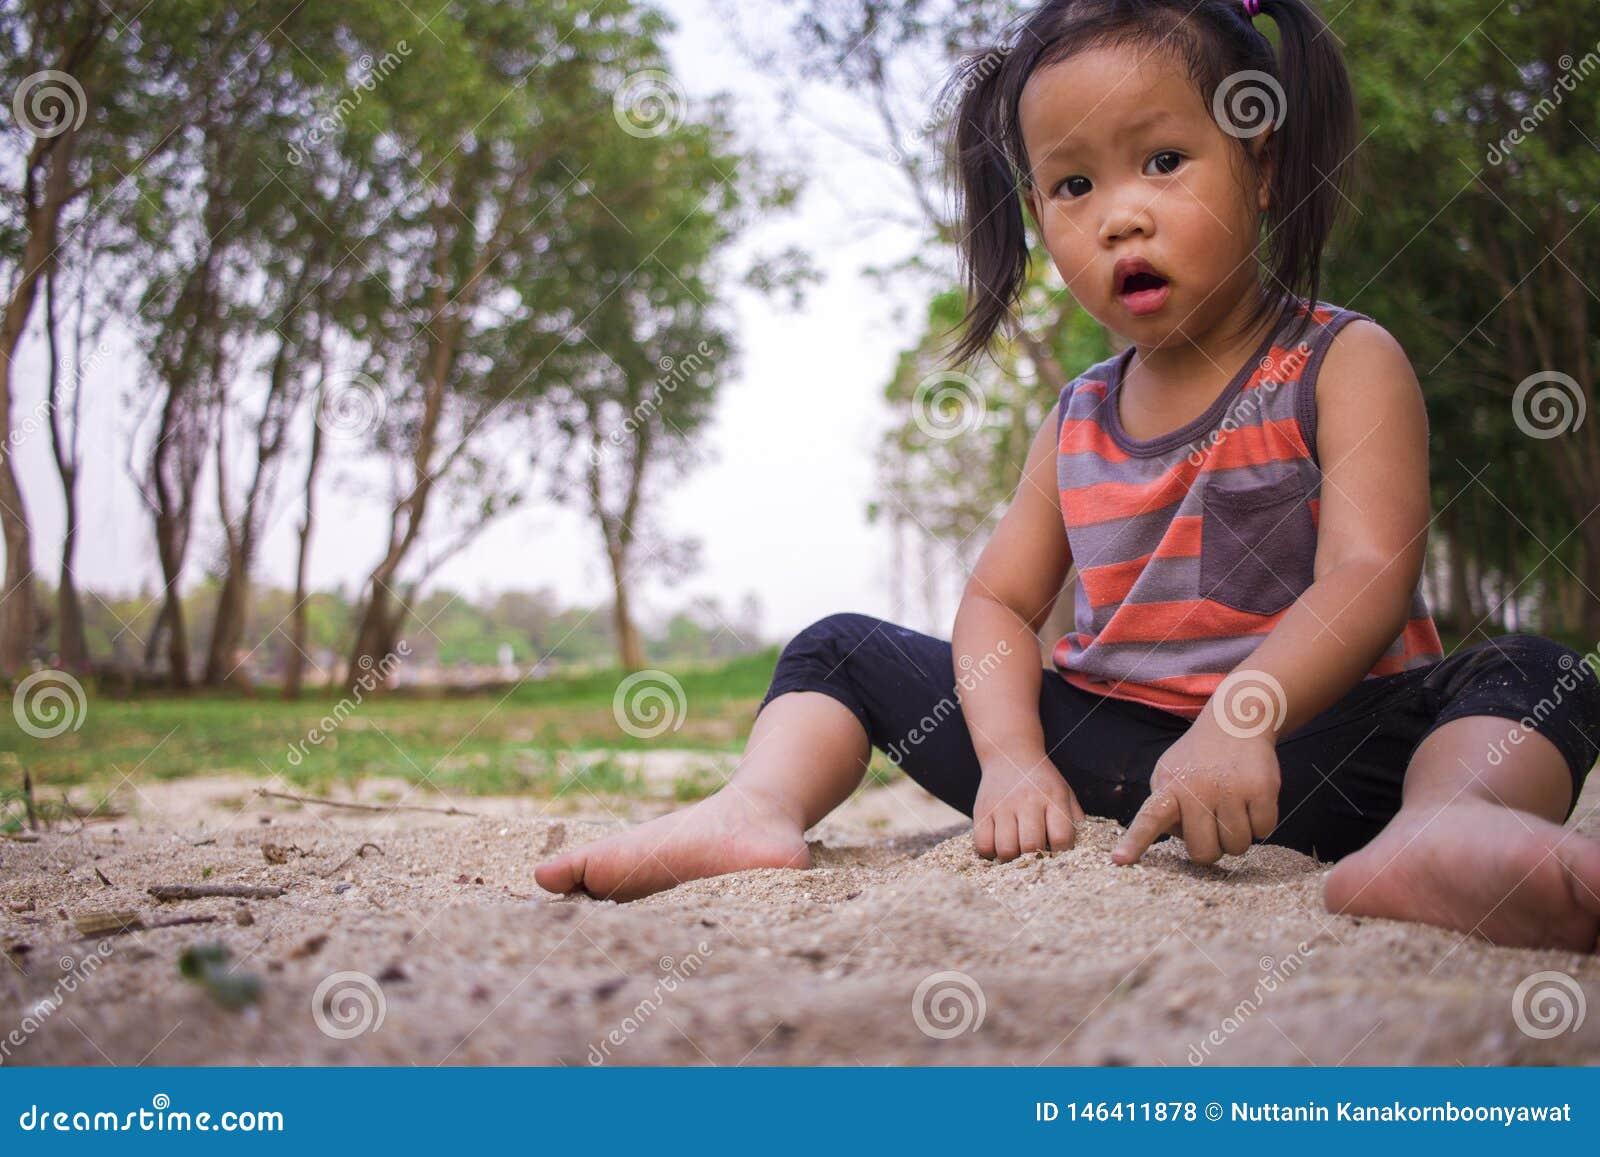 Crian?a feliz que joga com areia, fam?lia asi?tica engra?ada em um parque